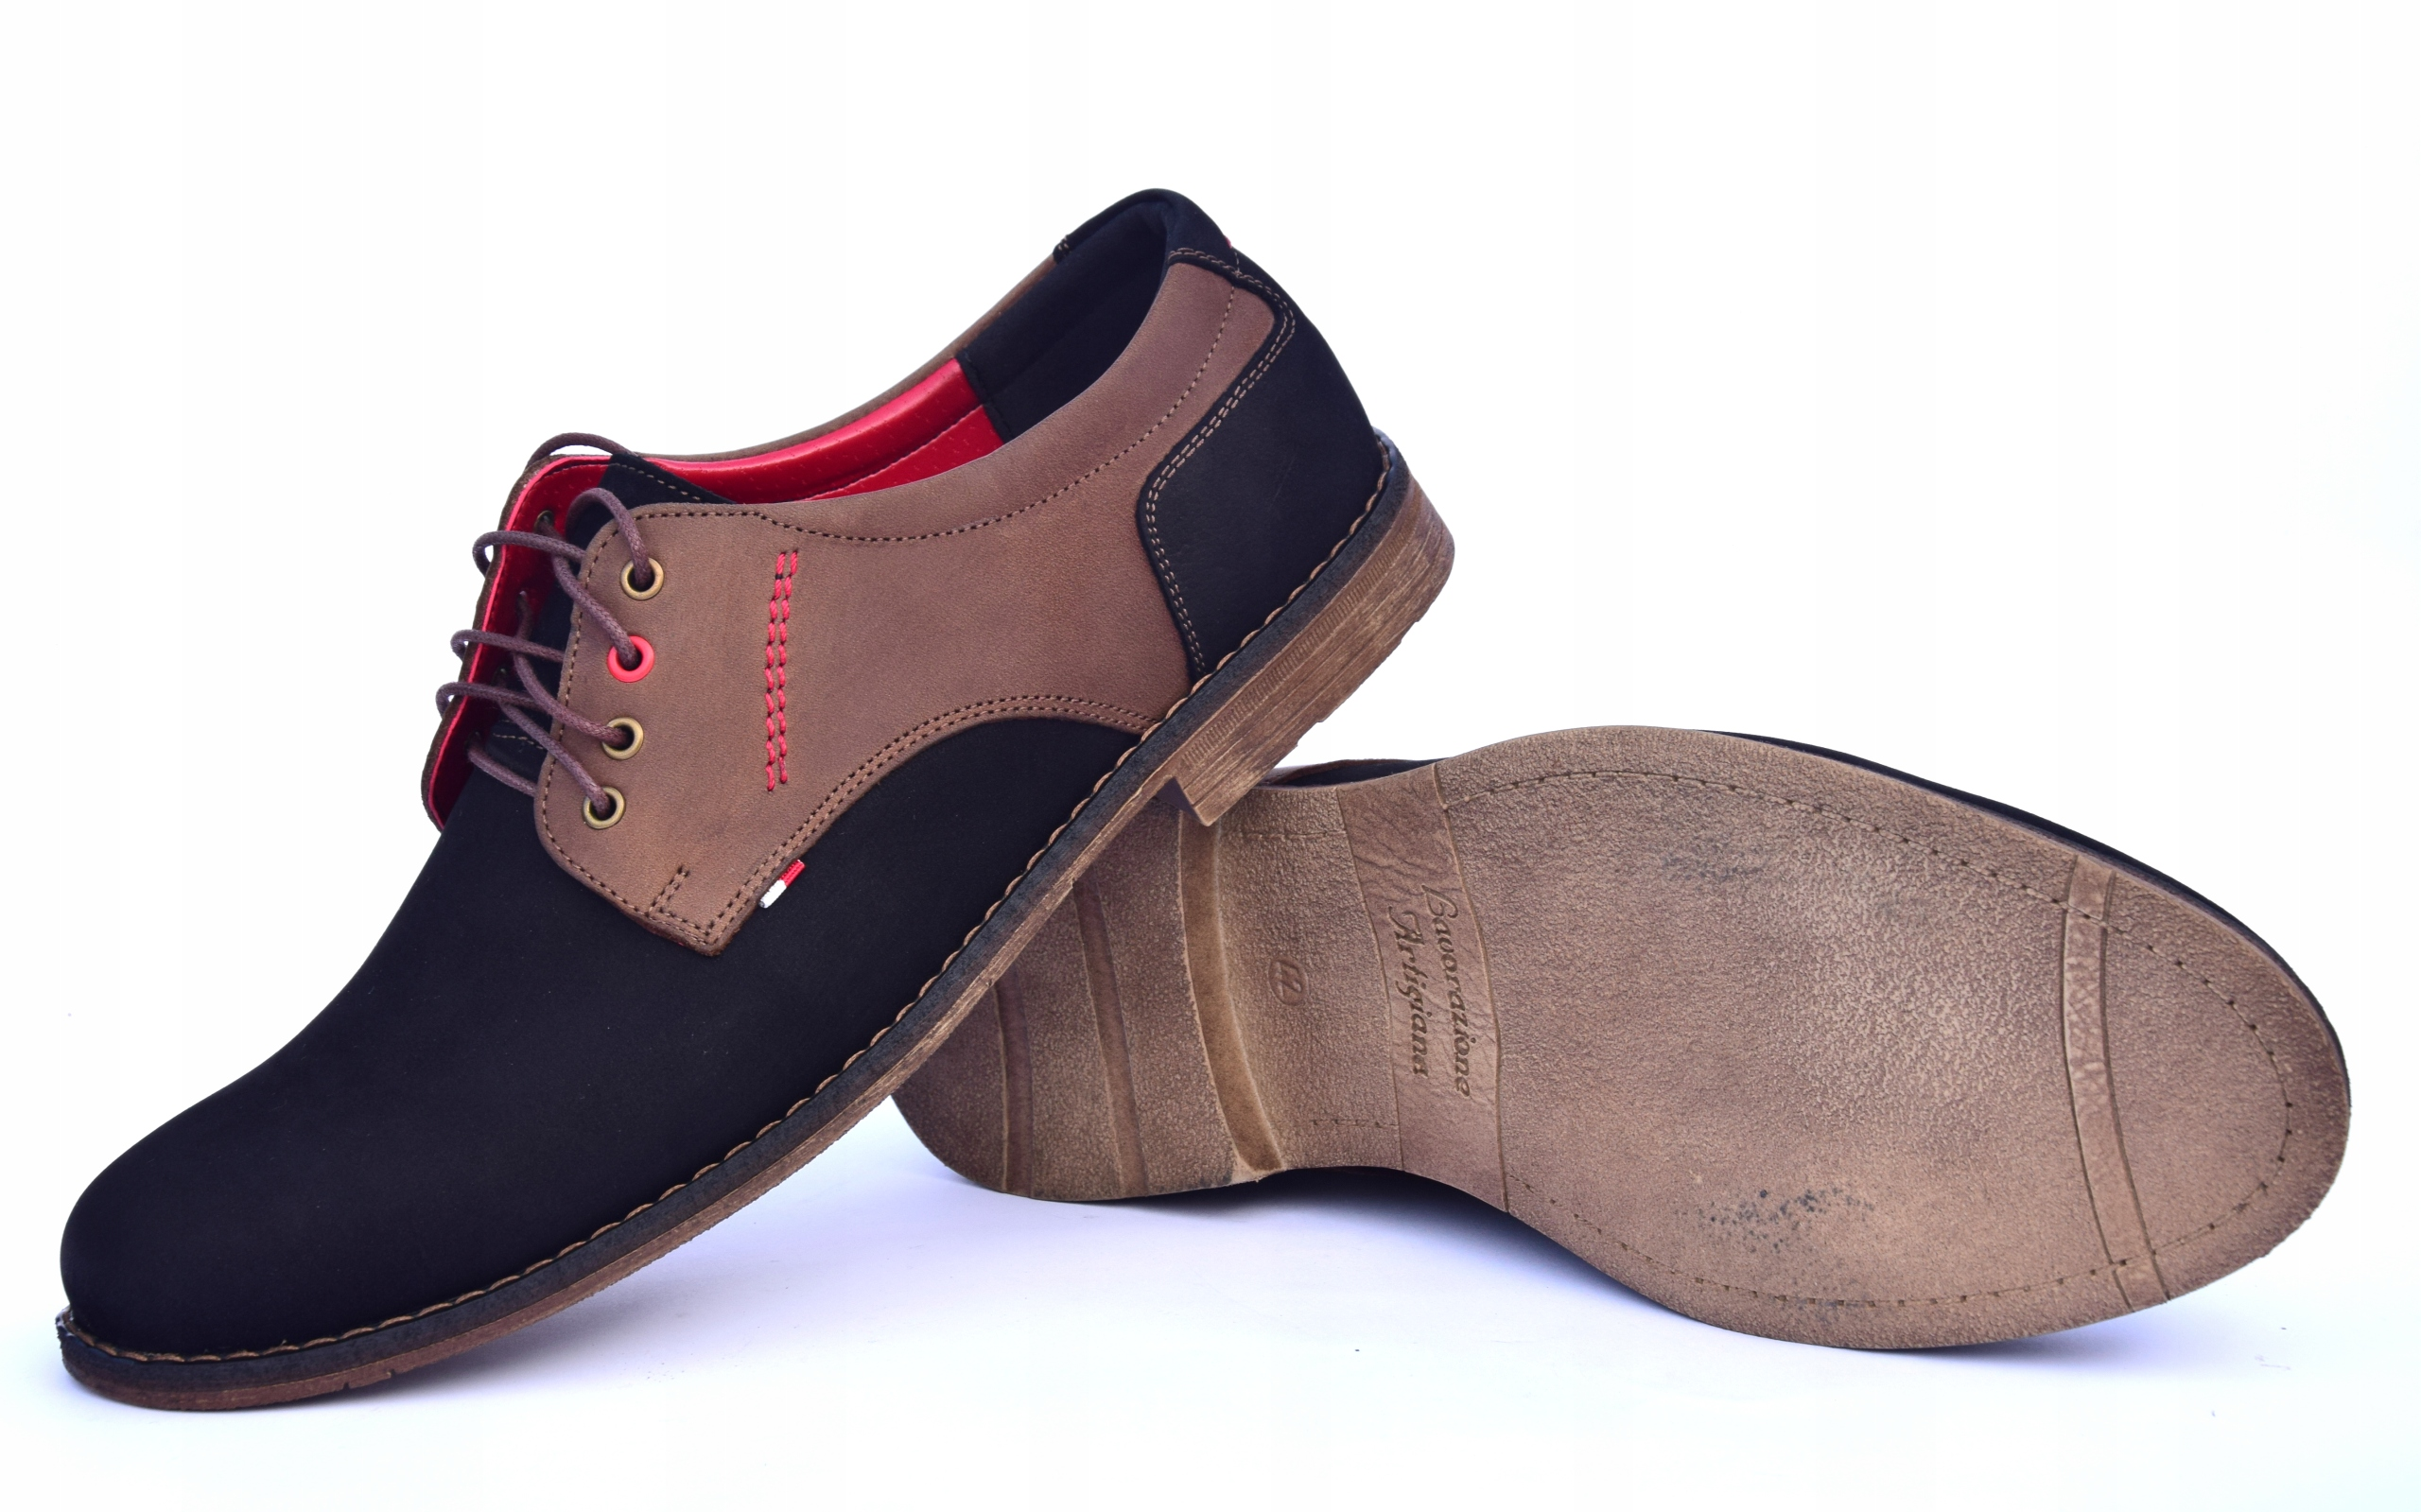 Buty skórzane męskie obuwie polskiej produkcji 258 Materiał zewnętrzny skóra naturalna nubuk